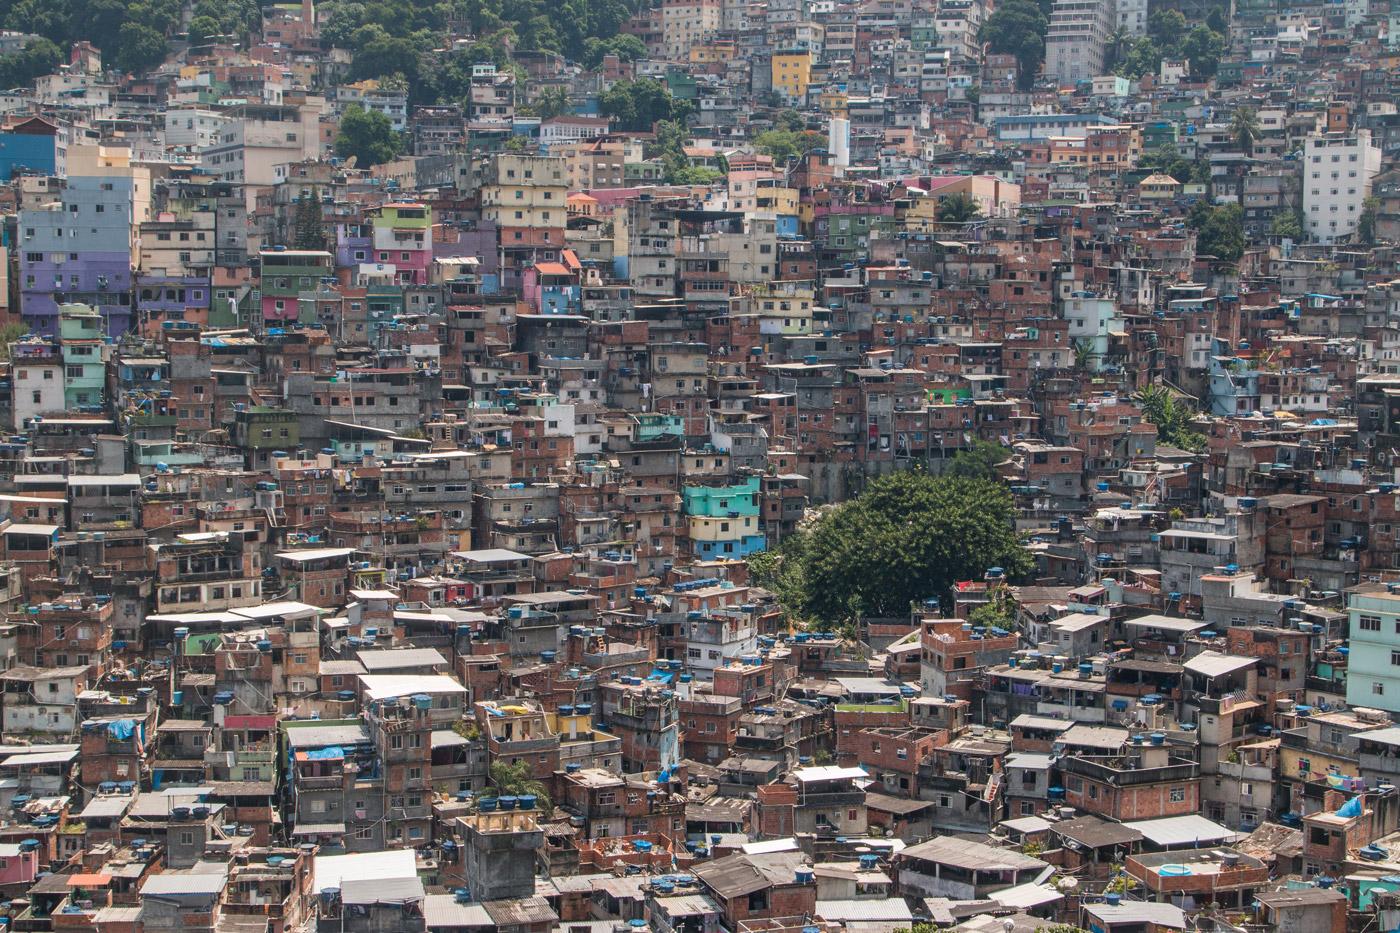 Rocinha, Brazil's largest favela